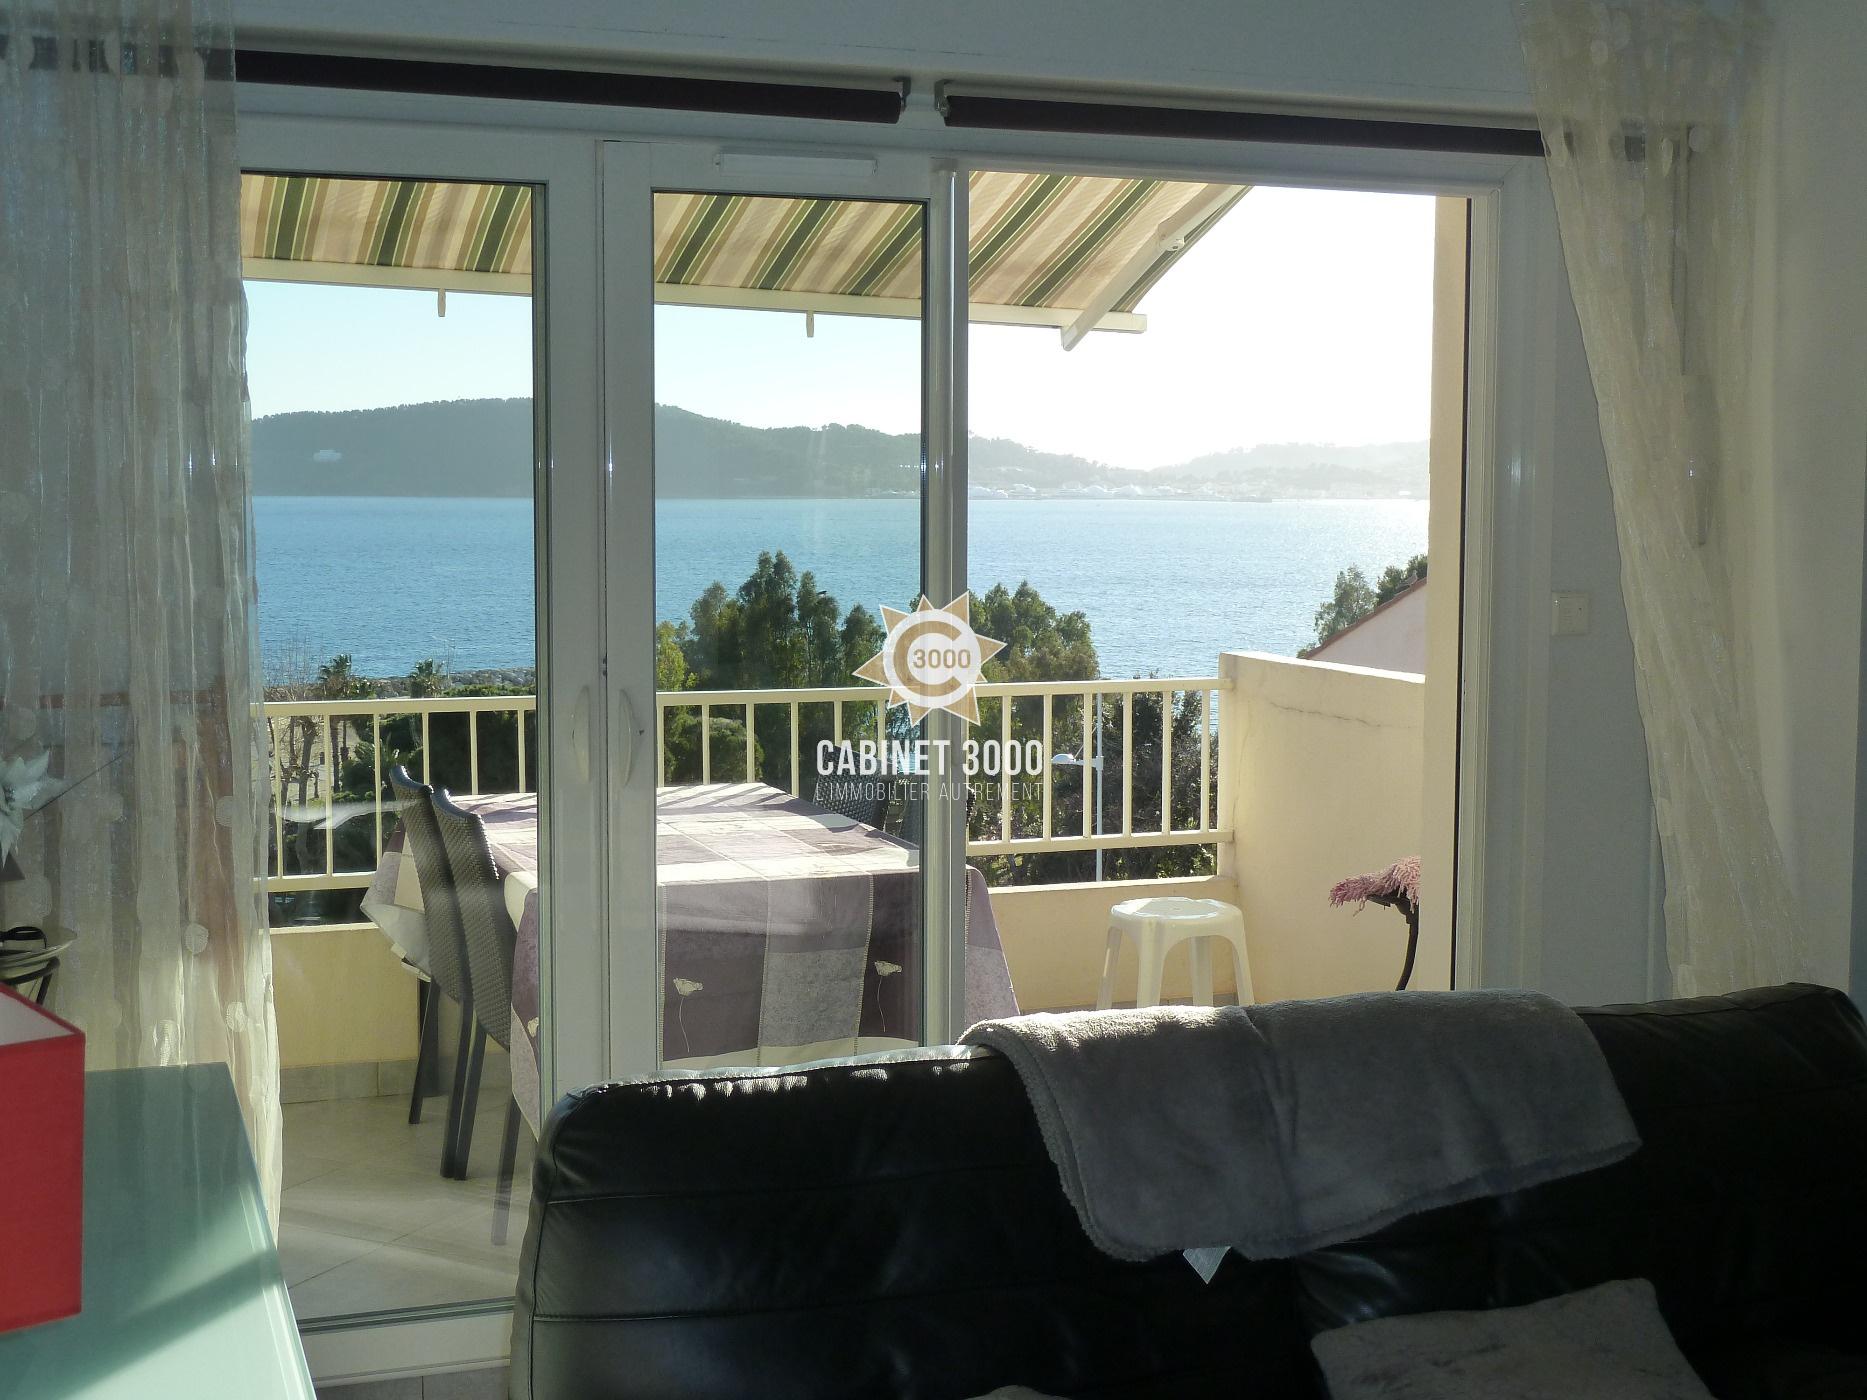 vente m1379 toulon le mourillon t3 belle vue mer. Black Bedroom Furniture Sets. Home Design Ideas